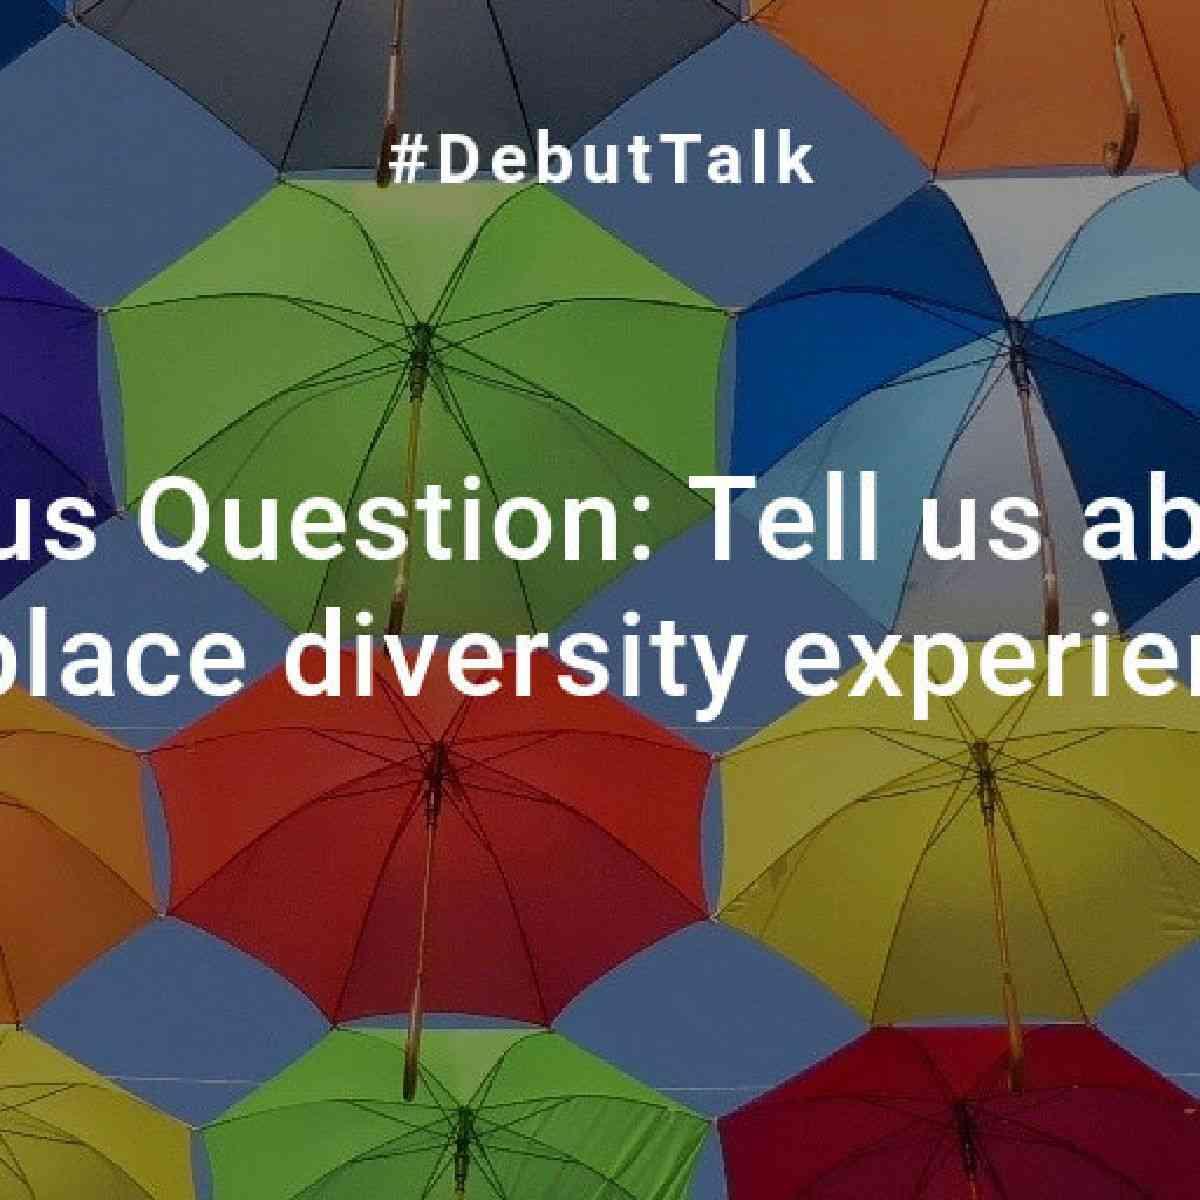 DebutTalk5-Q7: Diversity